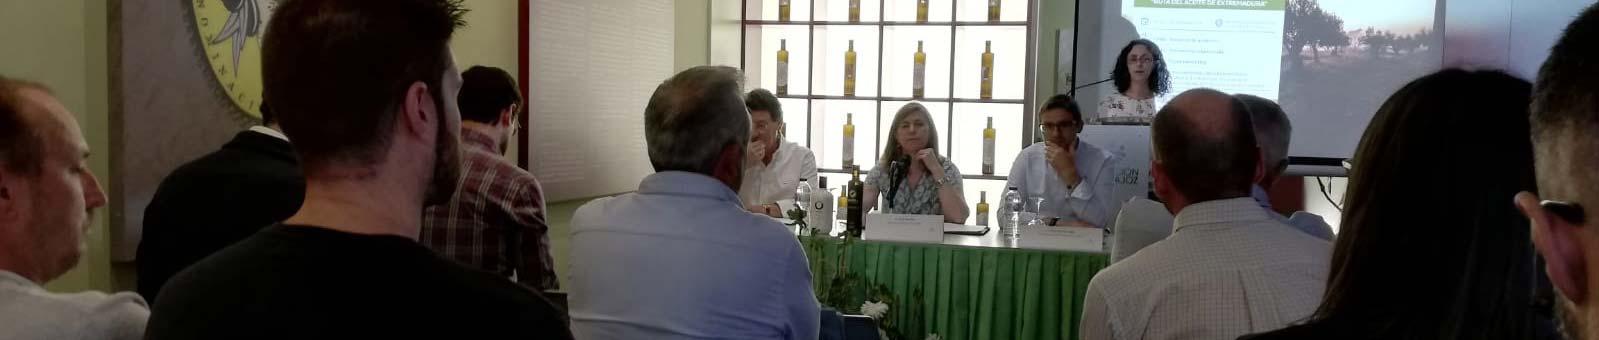 Presentación de la Ruta del Aceite de Oliva de Extremadura en Monterrubio de la Serena